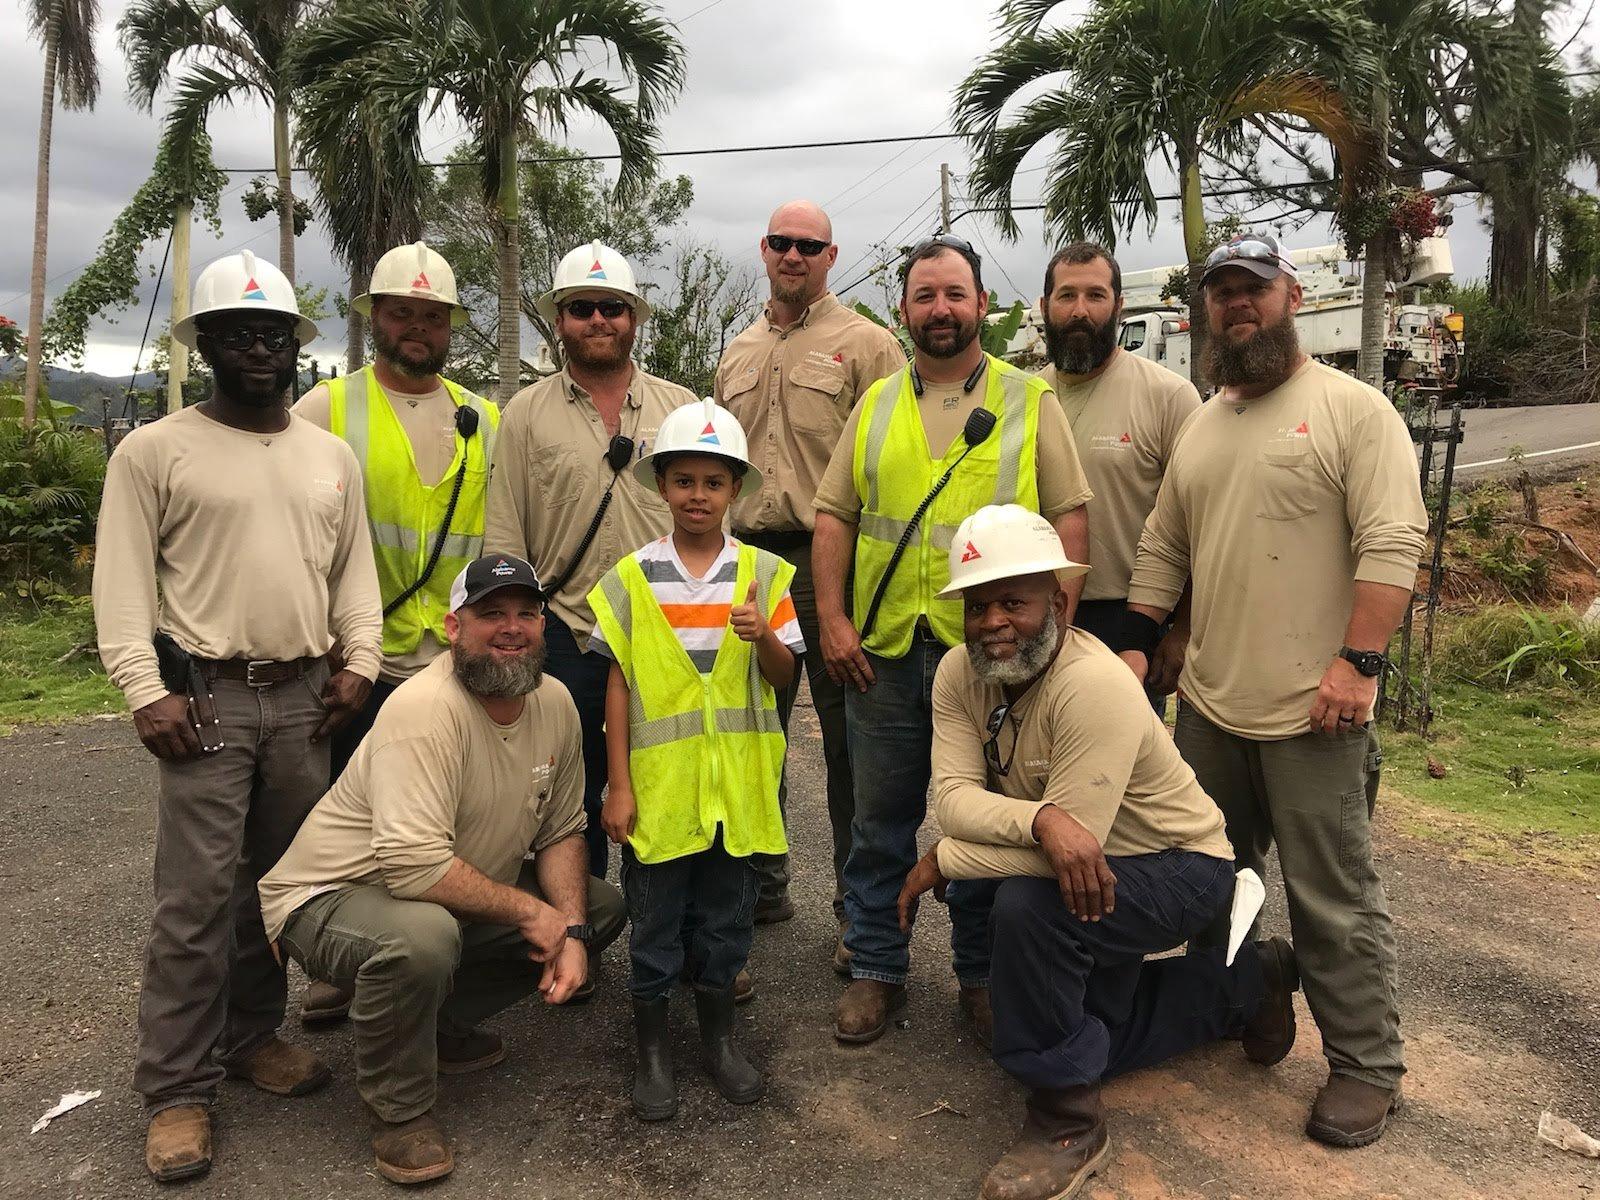 AL Power helping restore power in Puerto Rico. Source: AL Power